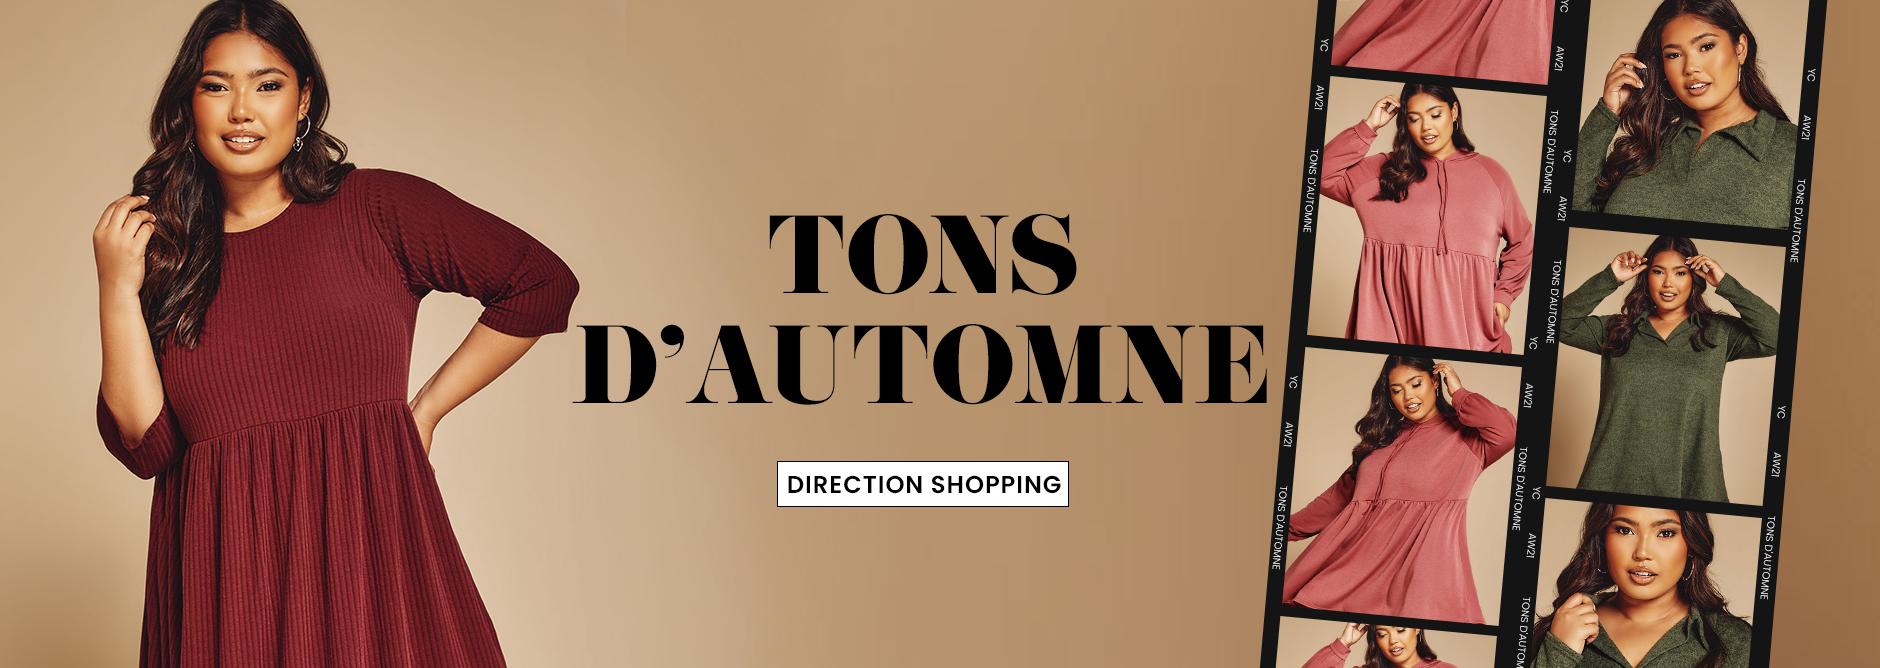 TONS D'AUTOMNE